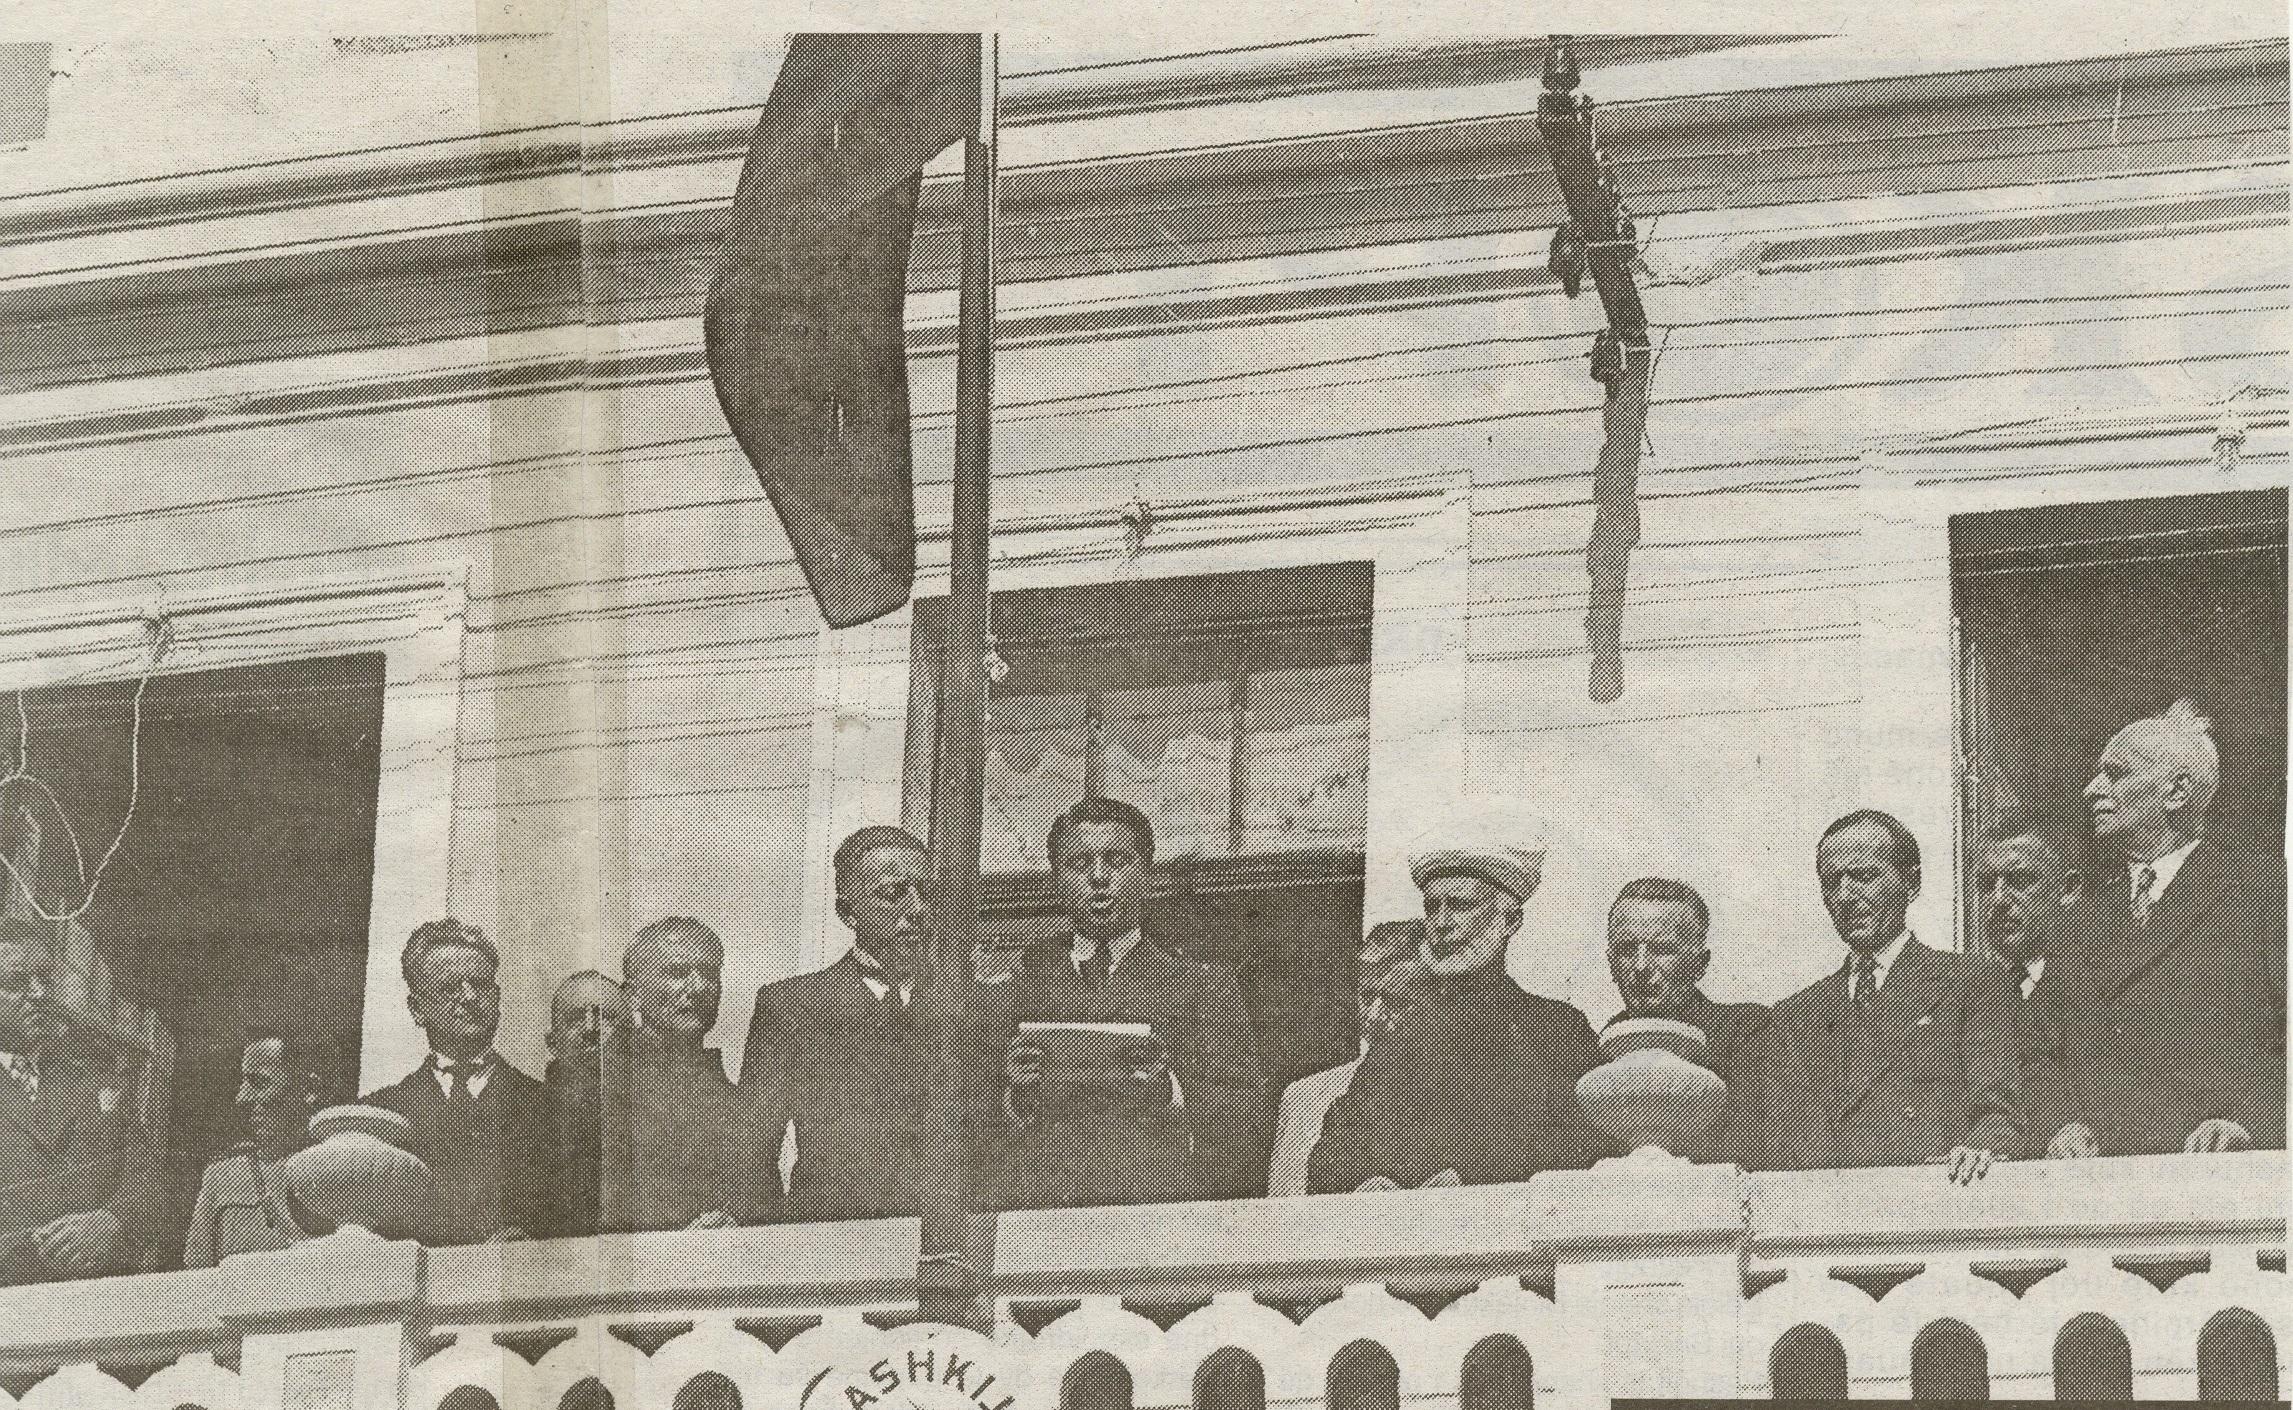 Fotoja origjinale e ceremonisë për Topullin, para se të manipulohej